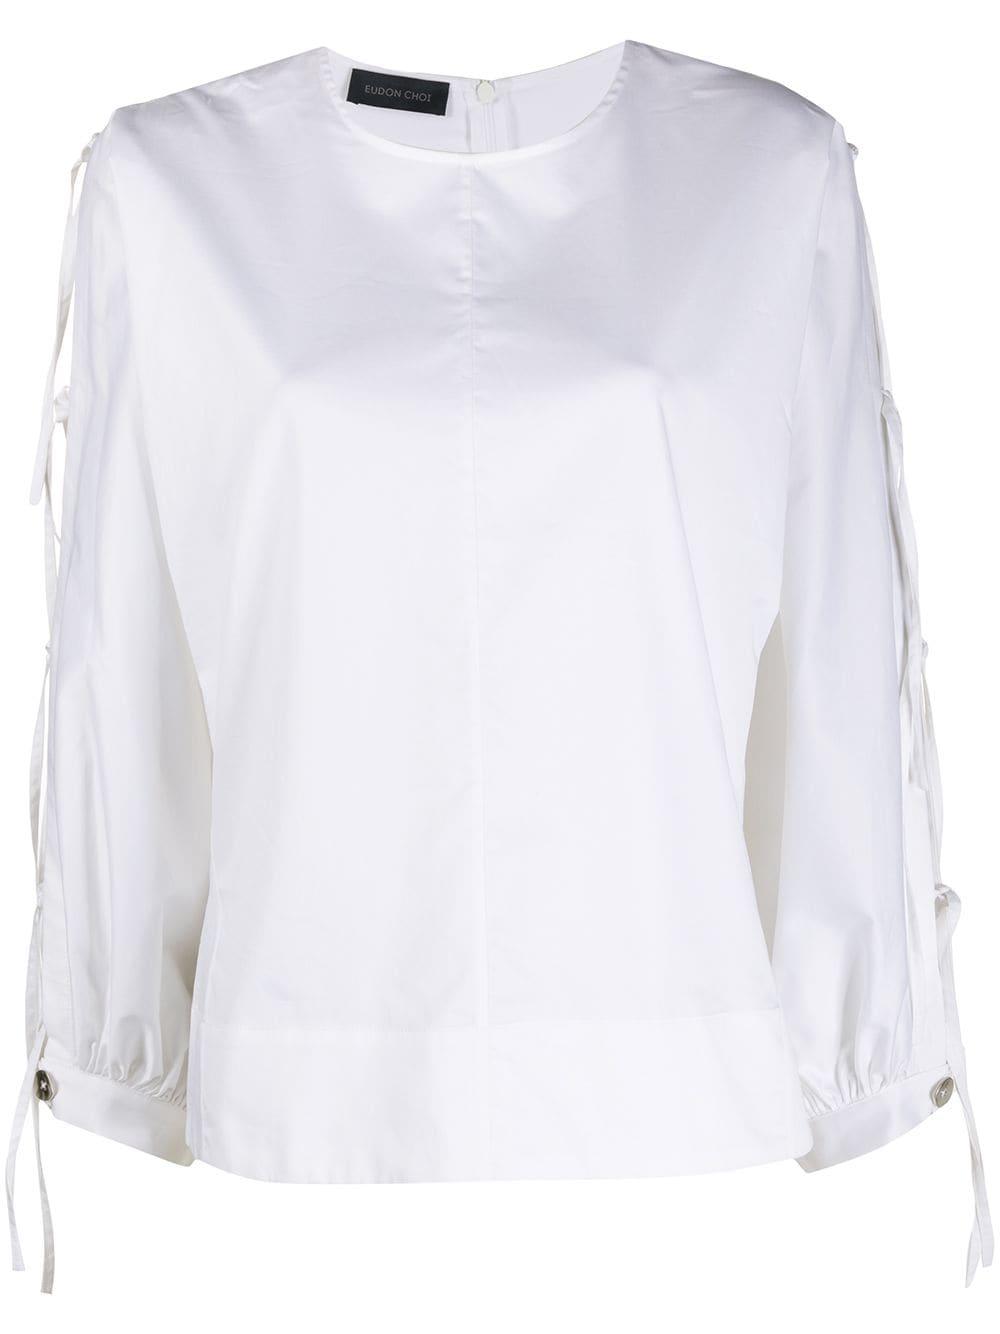 Cotton Hiro Top